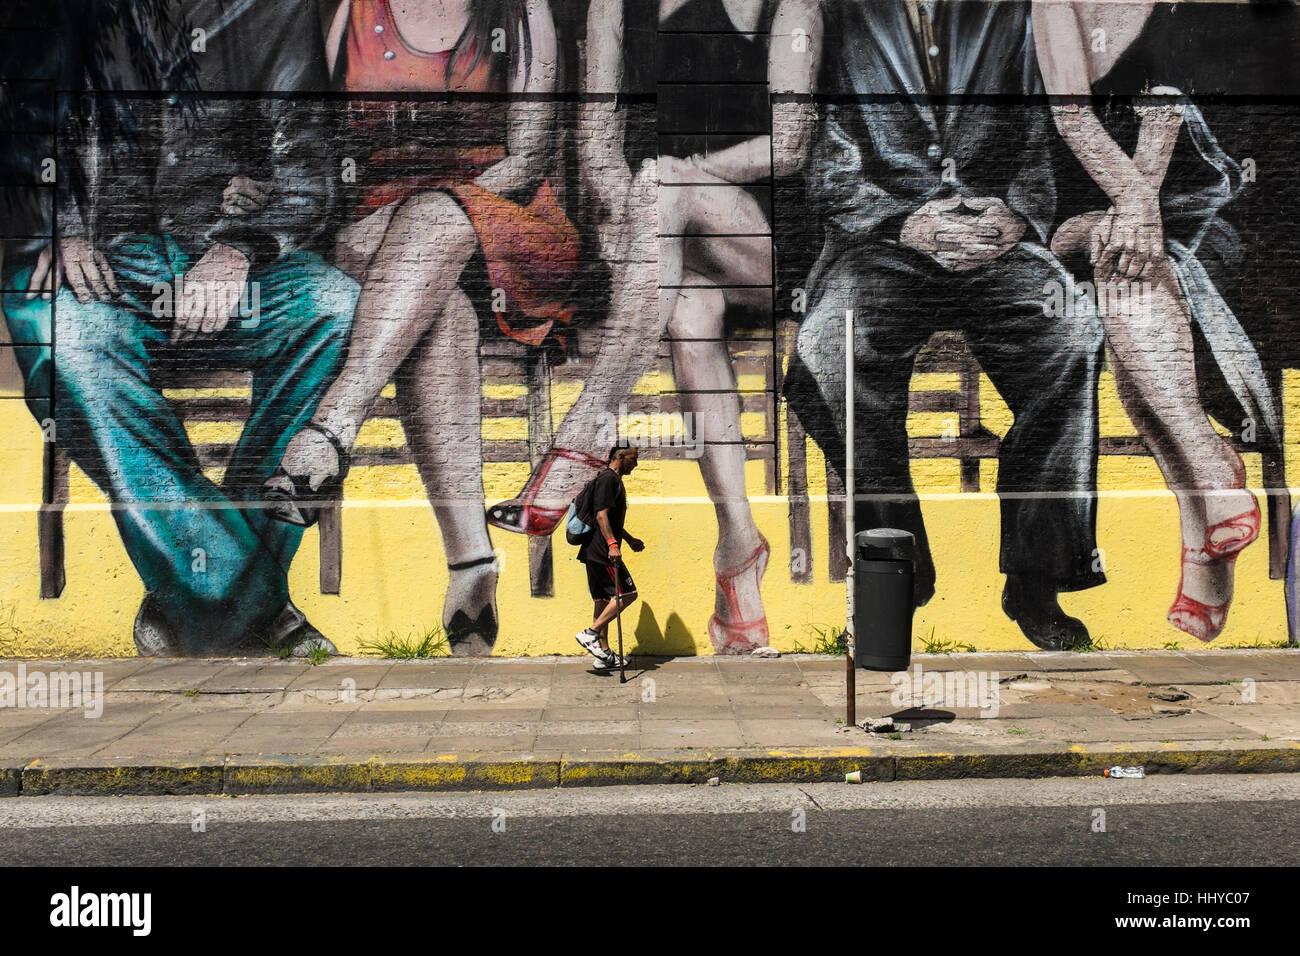 Pasear por una ciudad mural que parejas sentadas, ciudad de Buenos Aires, Argentina Imagen De Stock